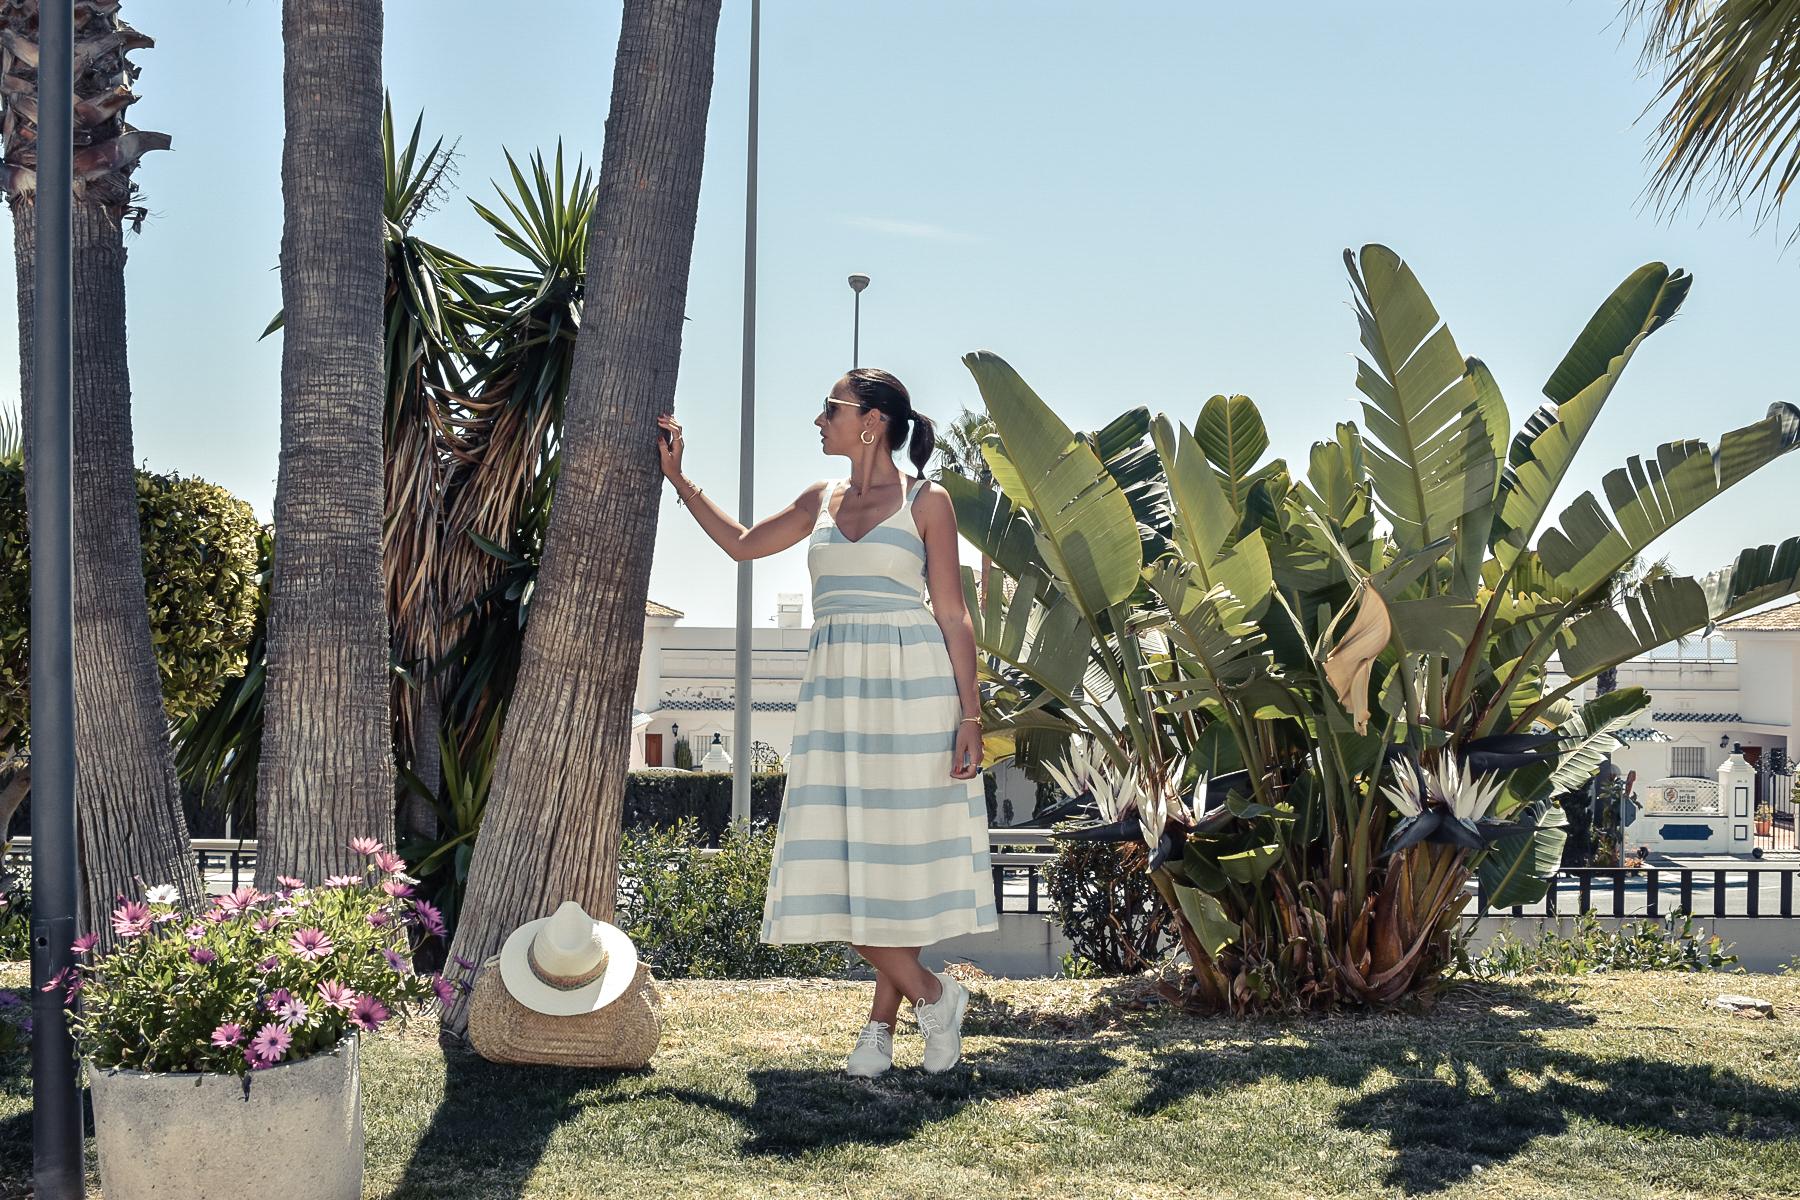 7-el-blog-de-silvia-vestido-rayas-azul-blanco-marbella